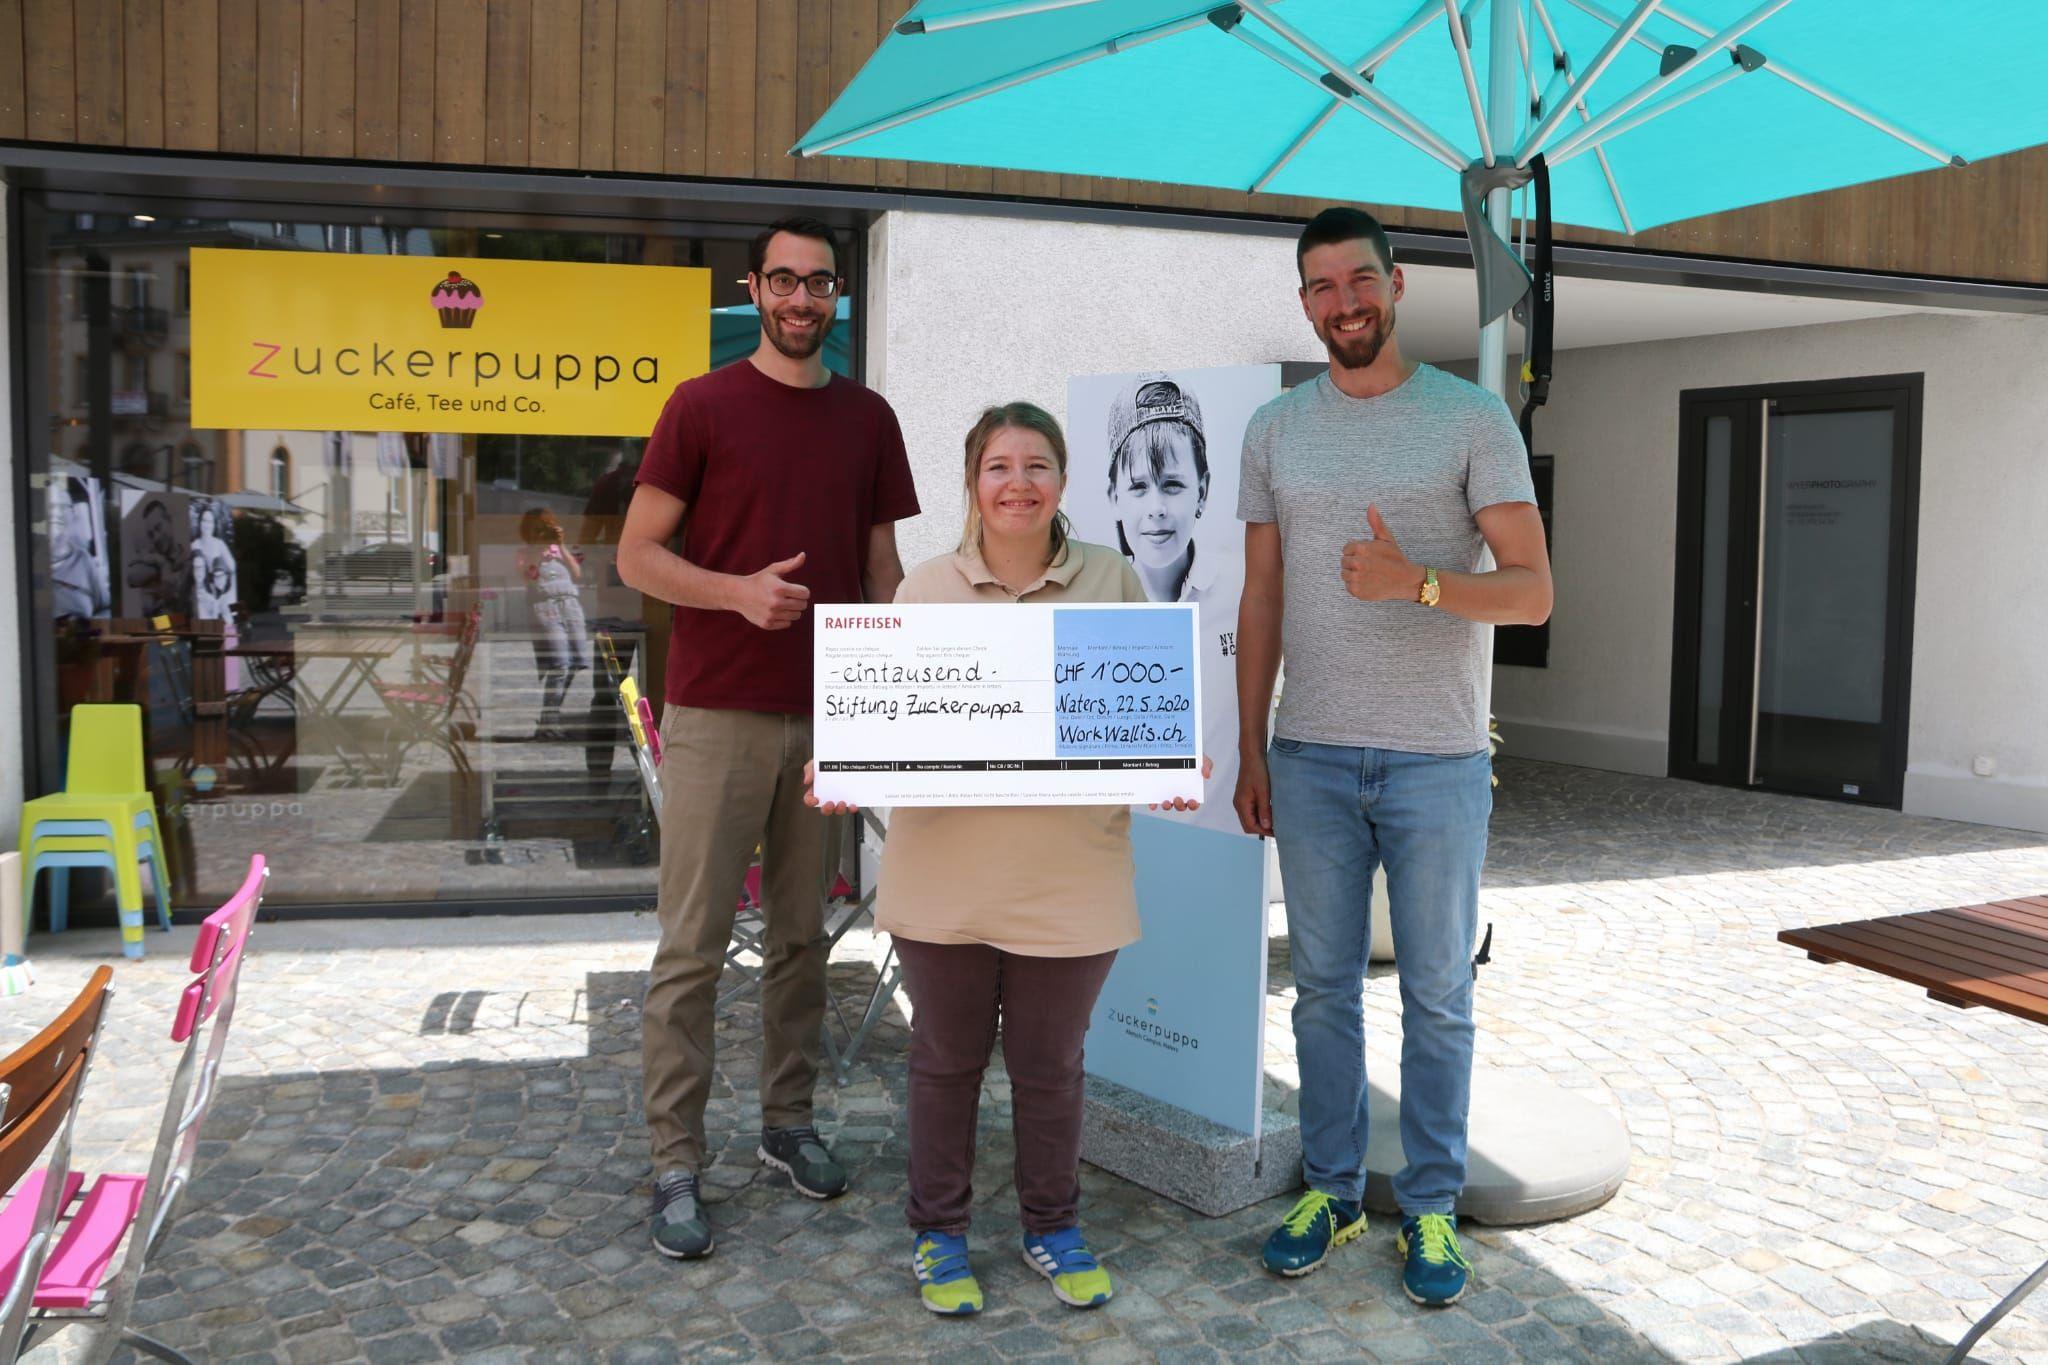 WorkWallis.ch spendet tausend Franken an Stiftung Zuckerpuppa